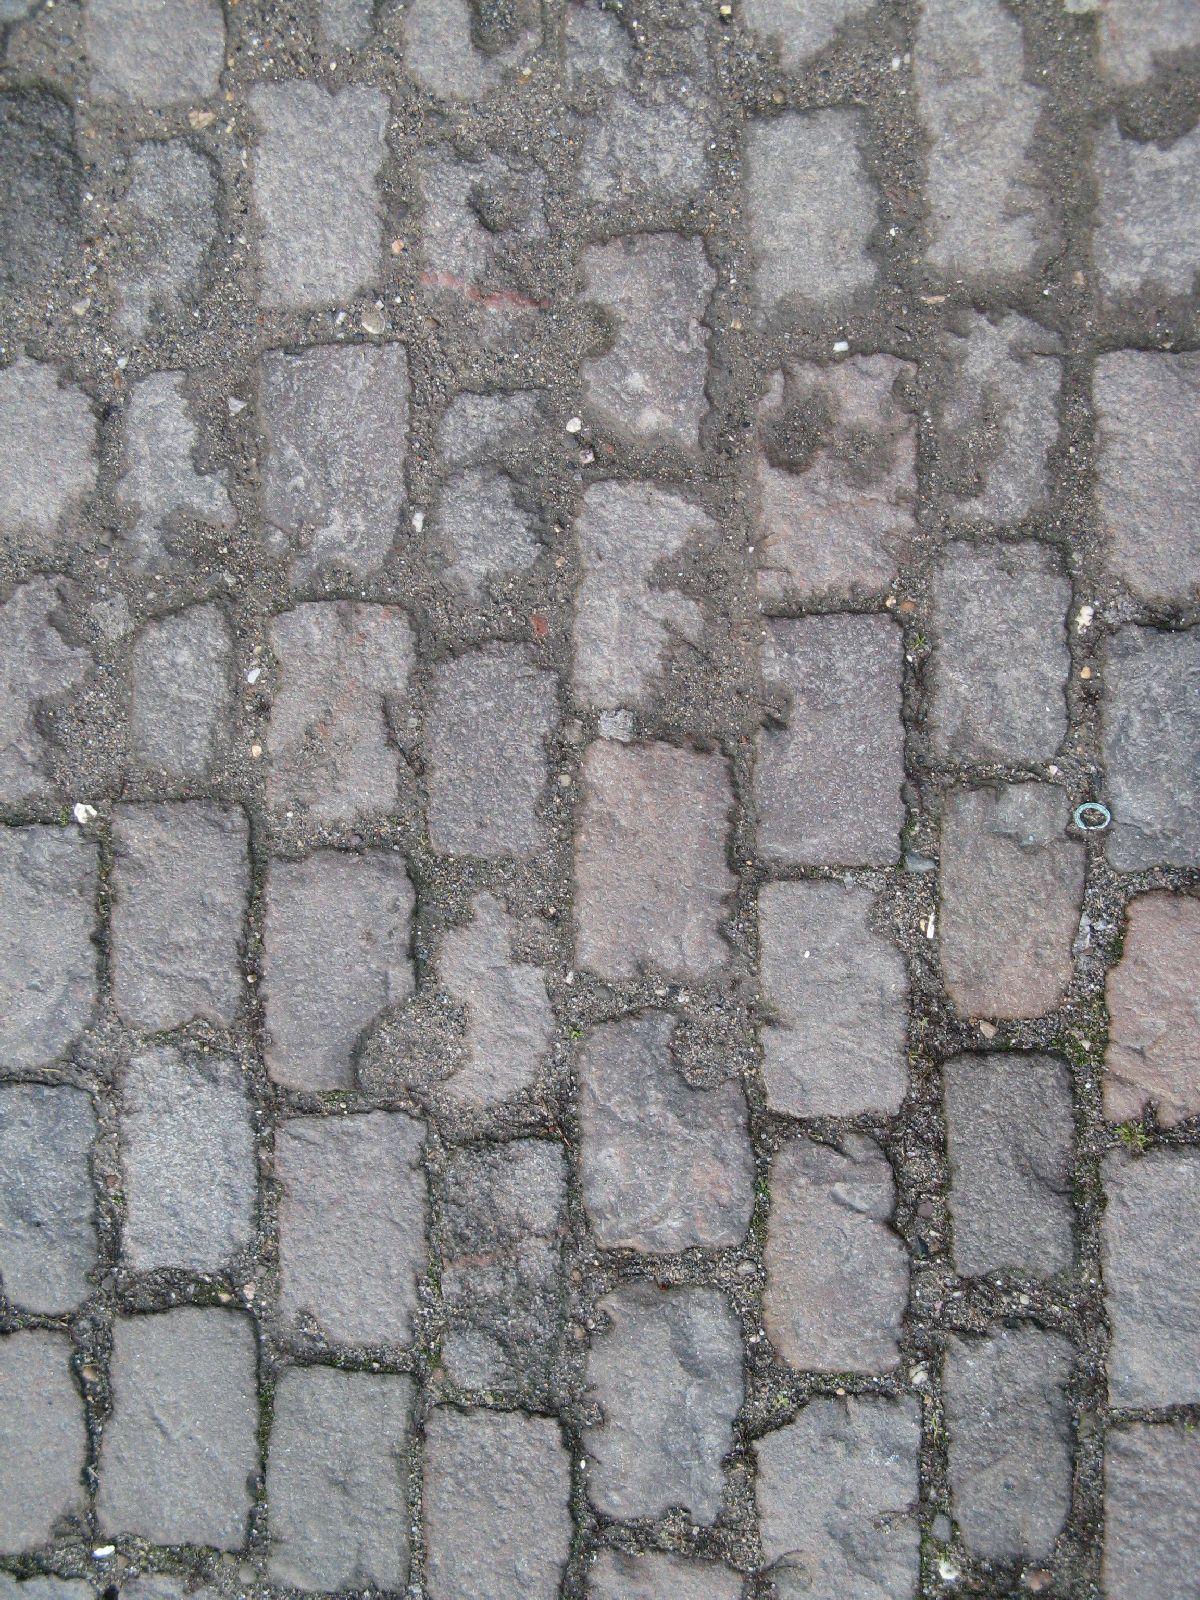 Ground-Urban_Texture_B_01366